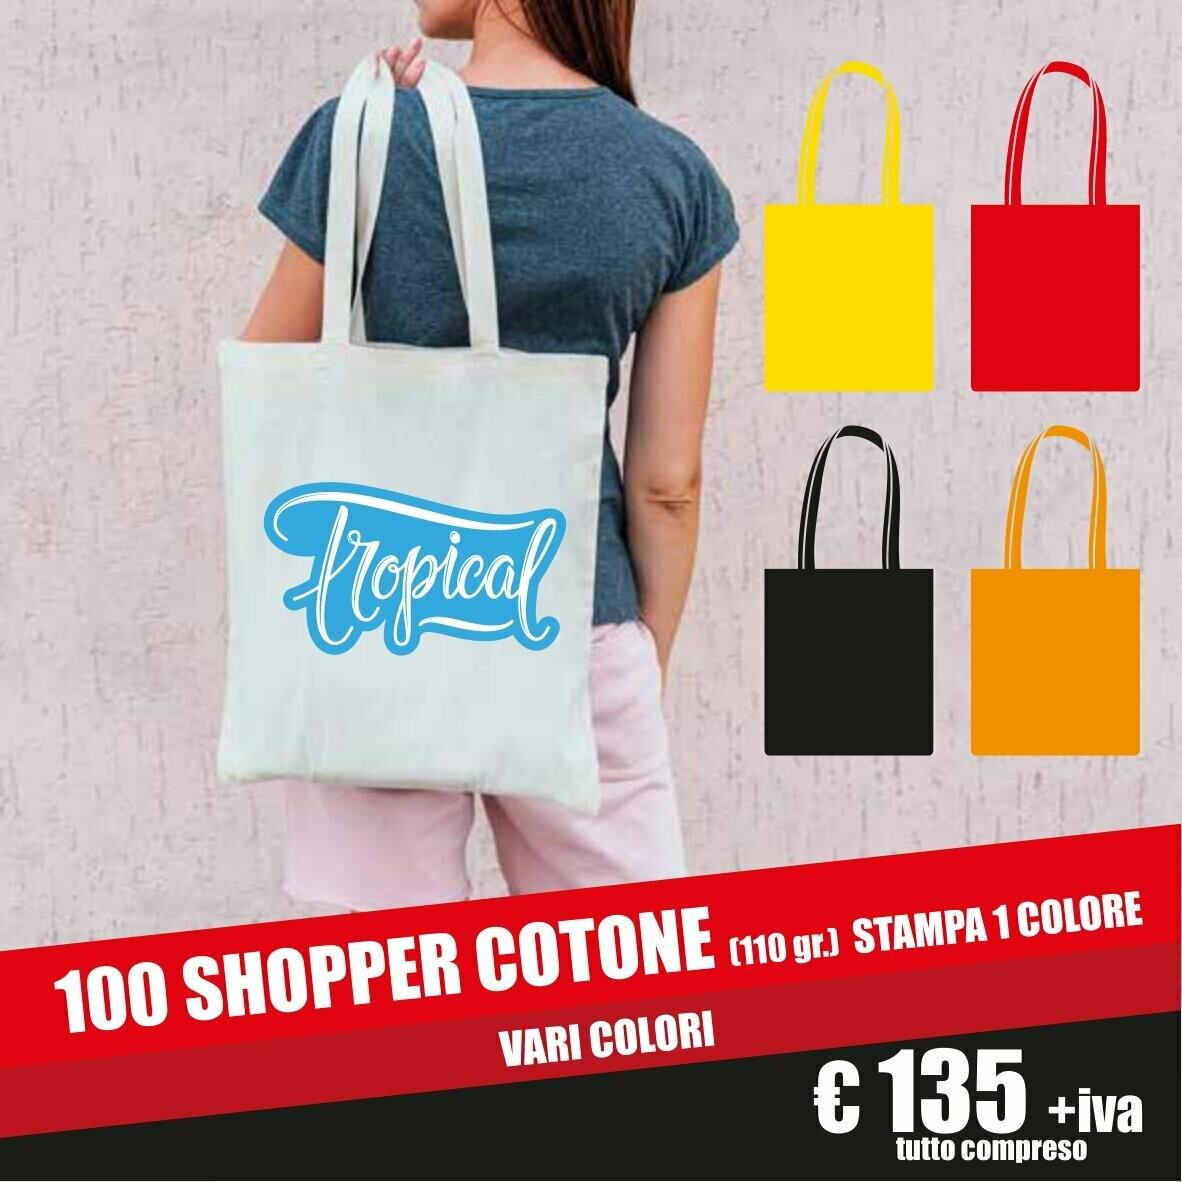 100 pz shopper in cotone personalizzate